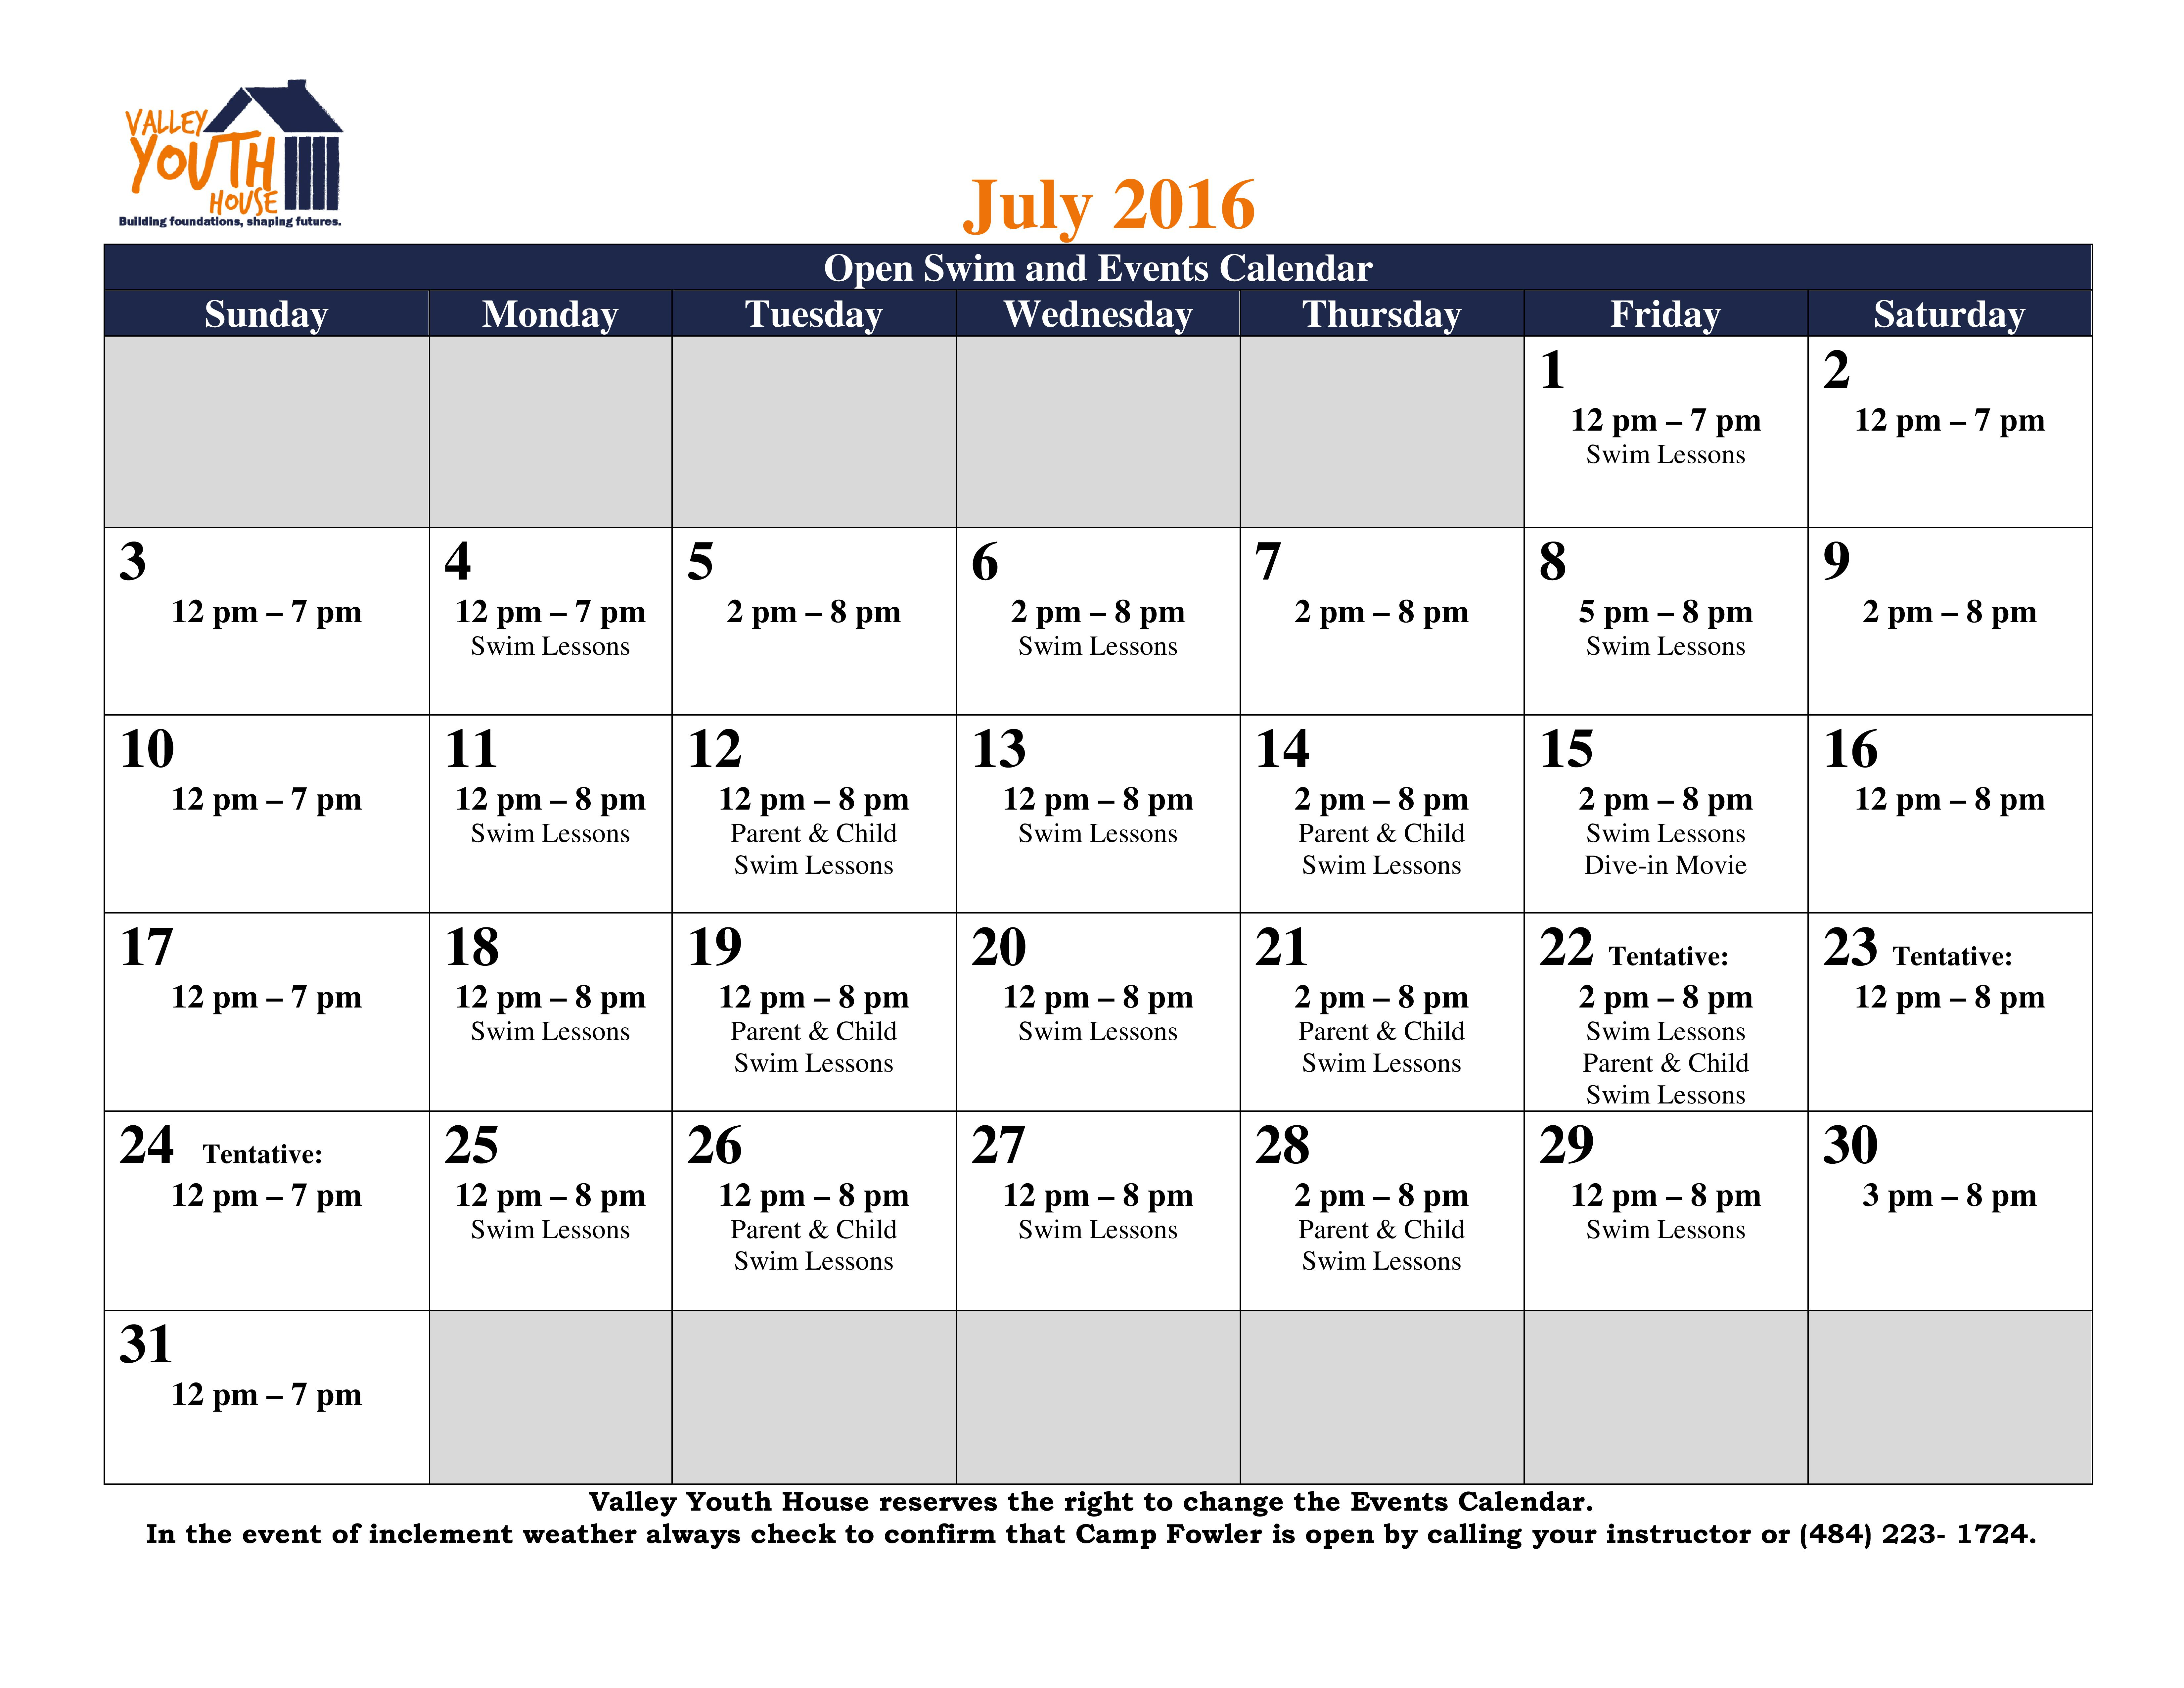 July 2016 schedule